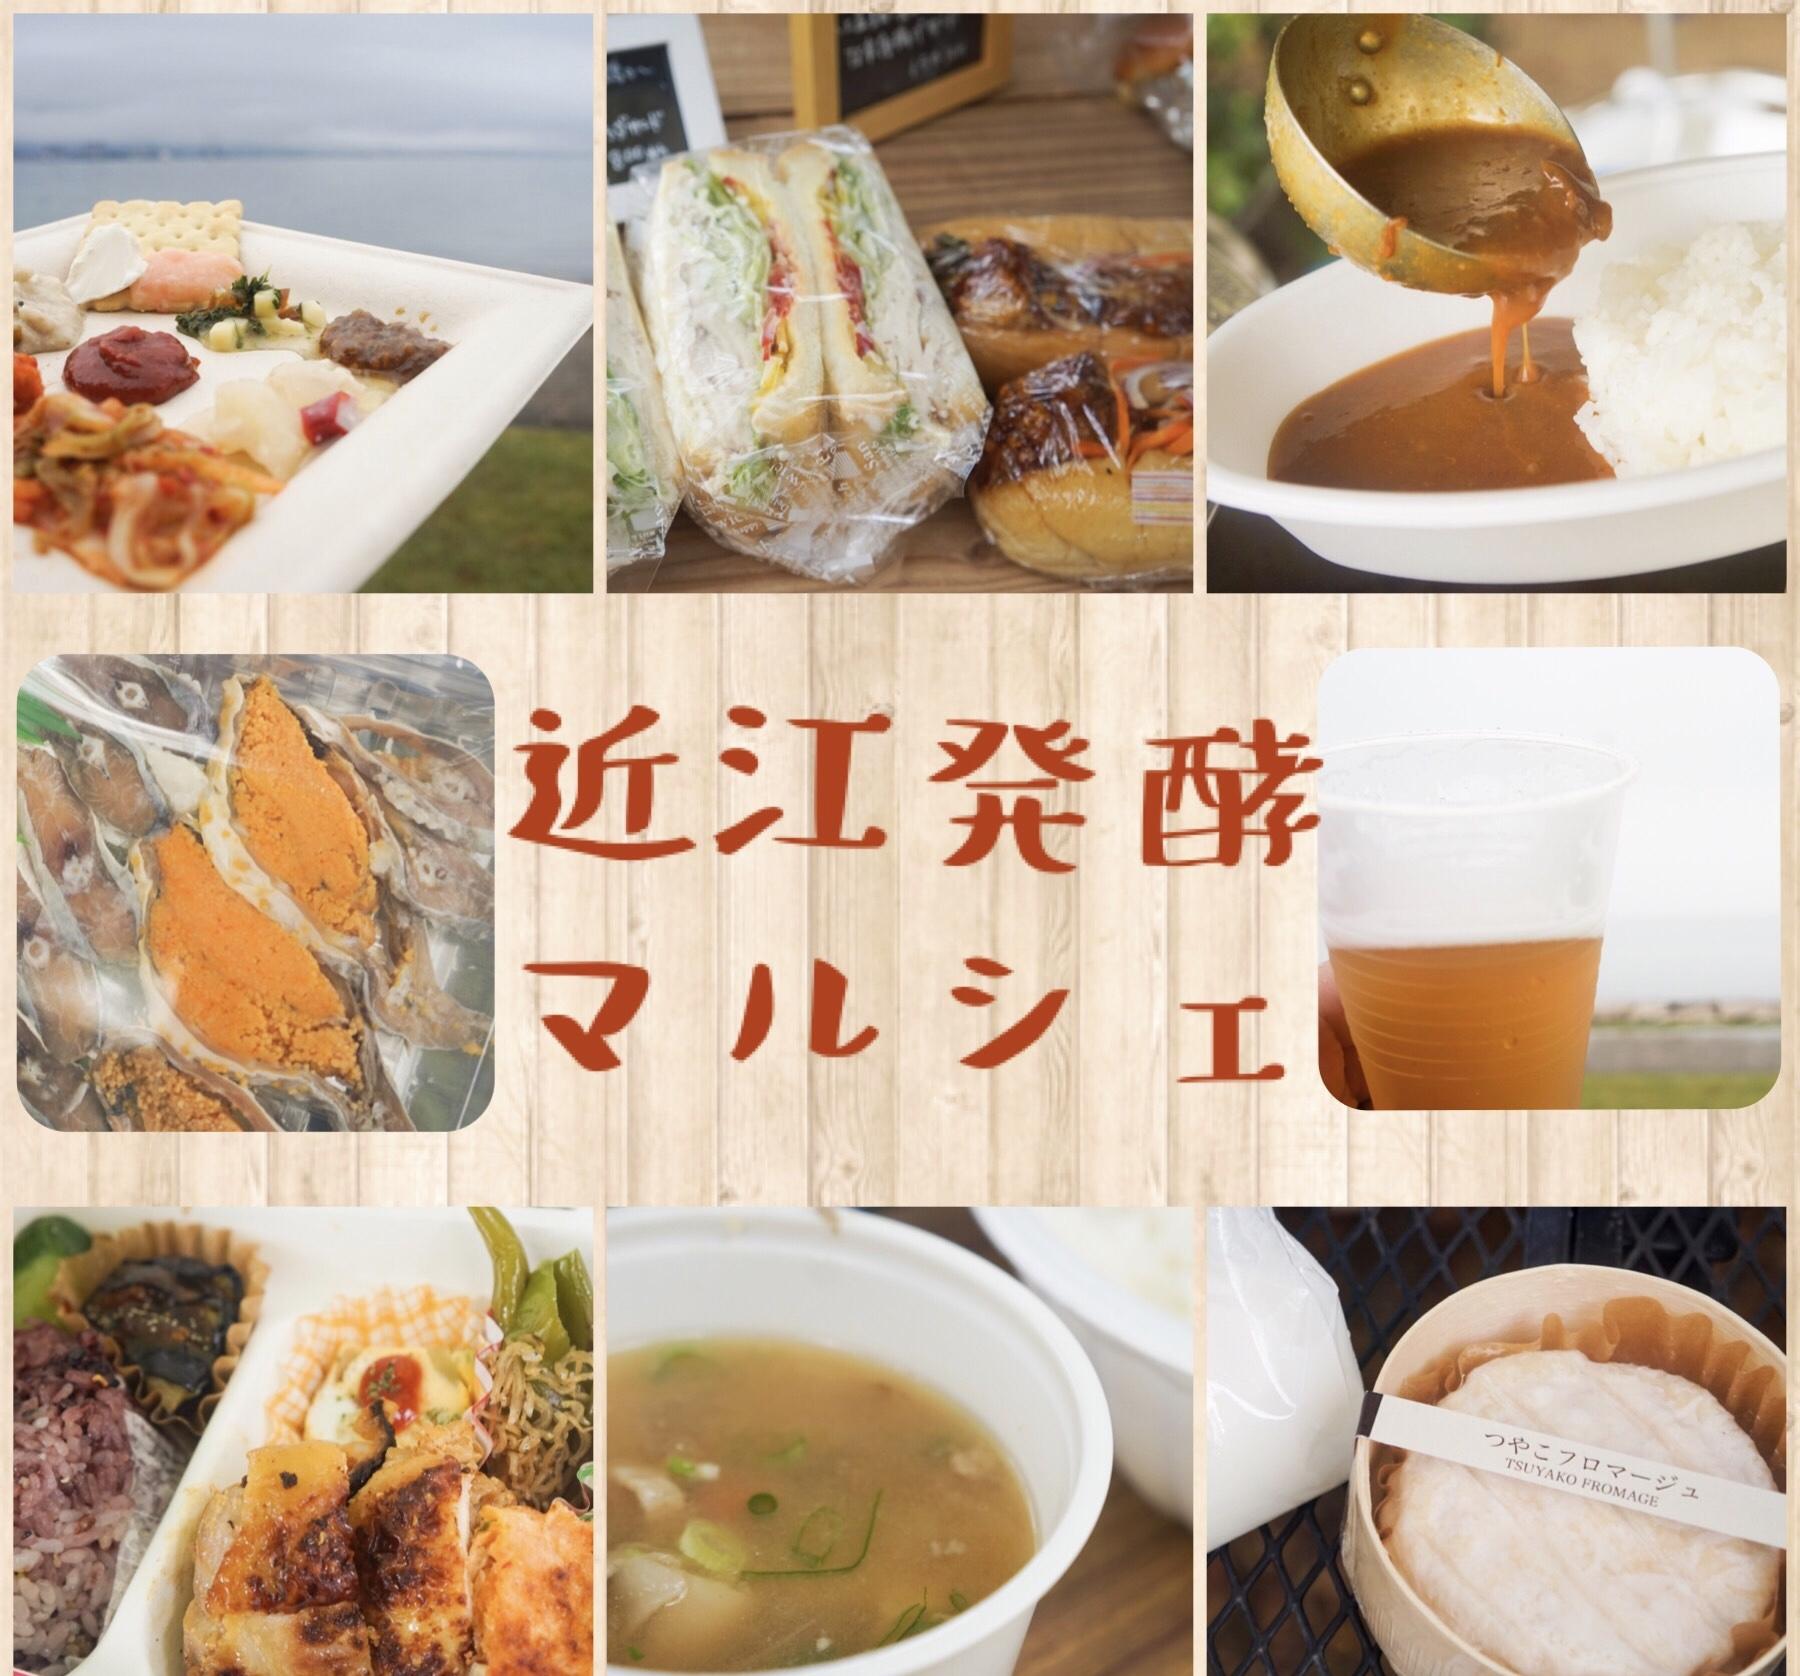 【10/19】近江発酵マルシェいってきた★発酵食品の新しい美味しさに出会える!美味しい料理とお酒を湖を眺めながら満喫♪